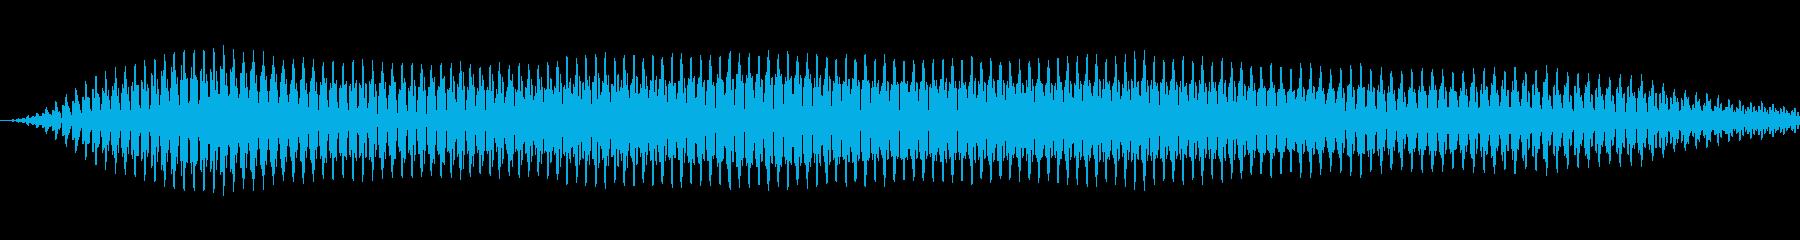 赤ちゃん:子どもまたは赤ちゃんの声...の再生済みの波形